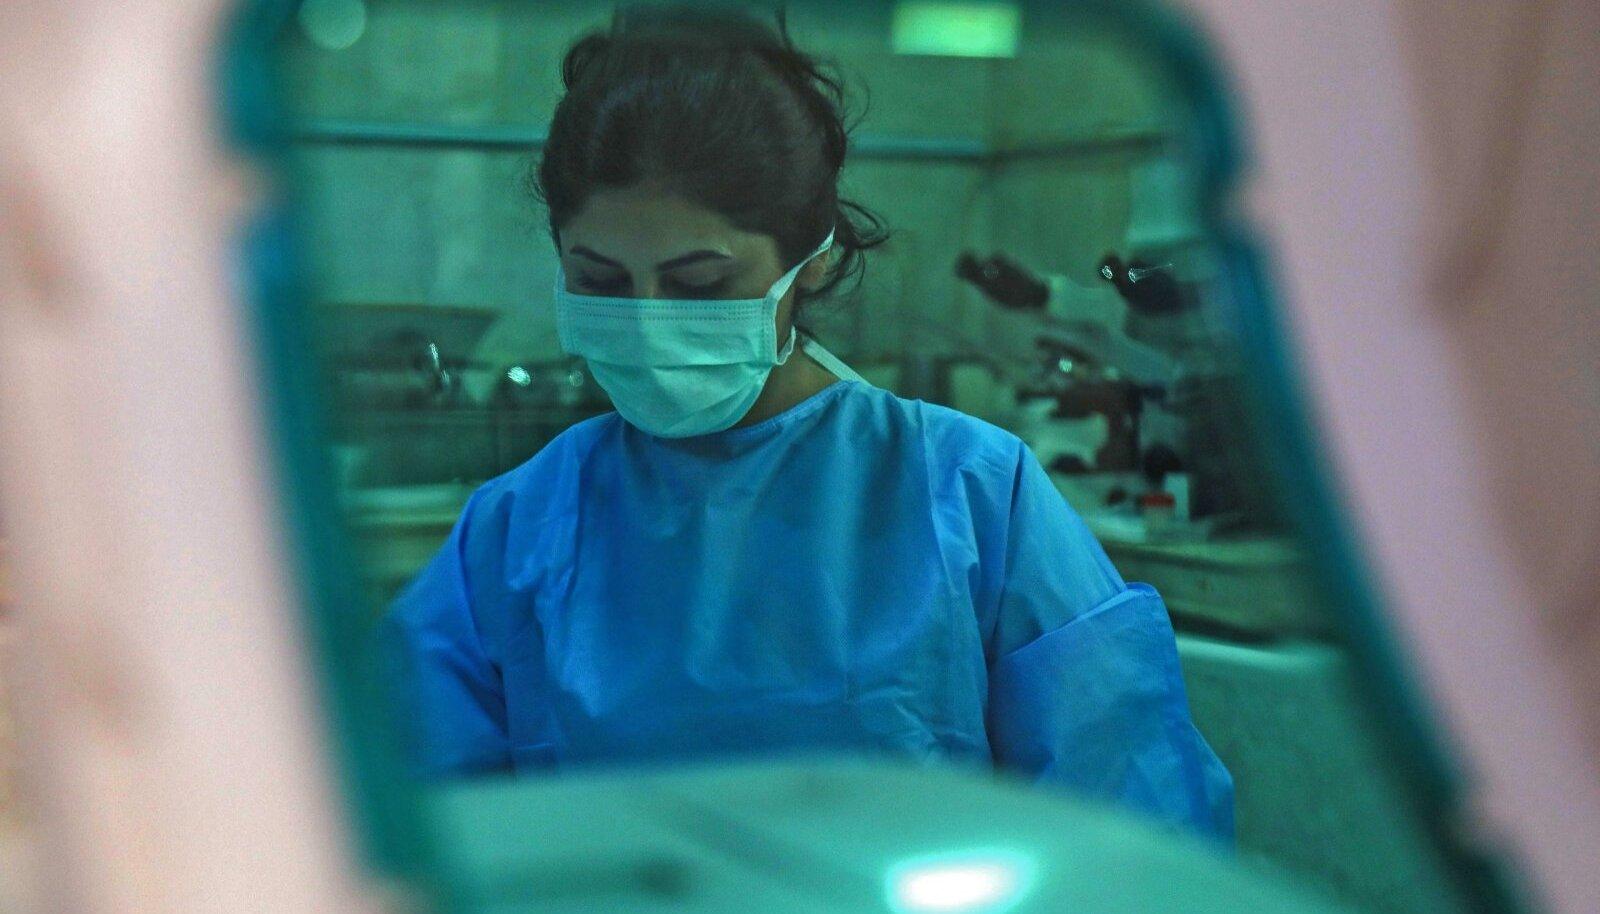 VIIRUS MURRAB: Iraagi meditsiinitöötaja Dahūki linnas koroonahaigetelt analüüse võtmas. Ametlikel andmetel on Iraagis koroonaviiruse põdemise tagajärjel surnud ligi 19 000 inimest. Tegelik surmade arv on tõenäoliselt palju suurem.